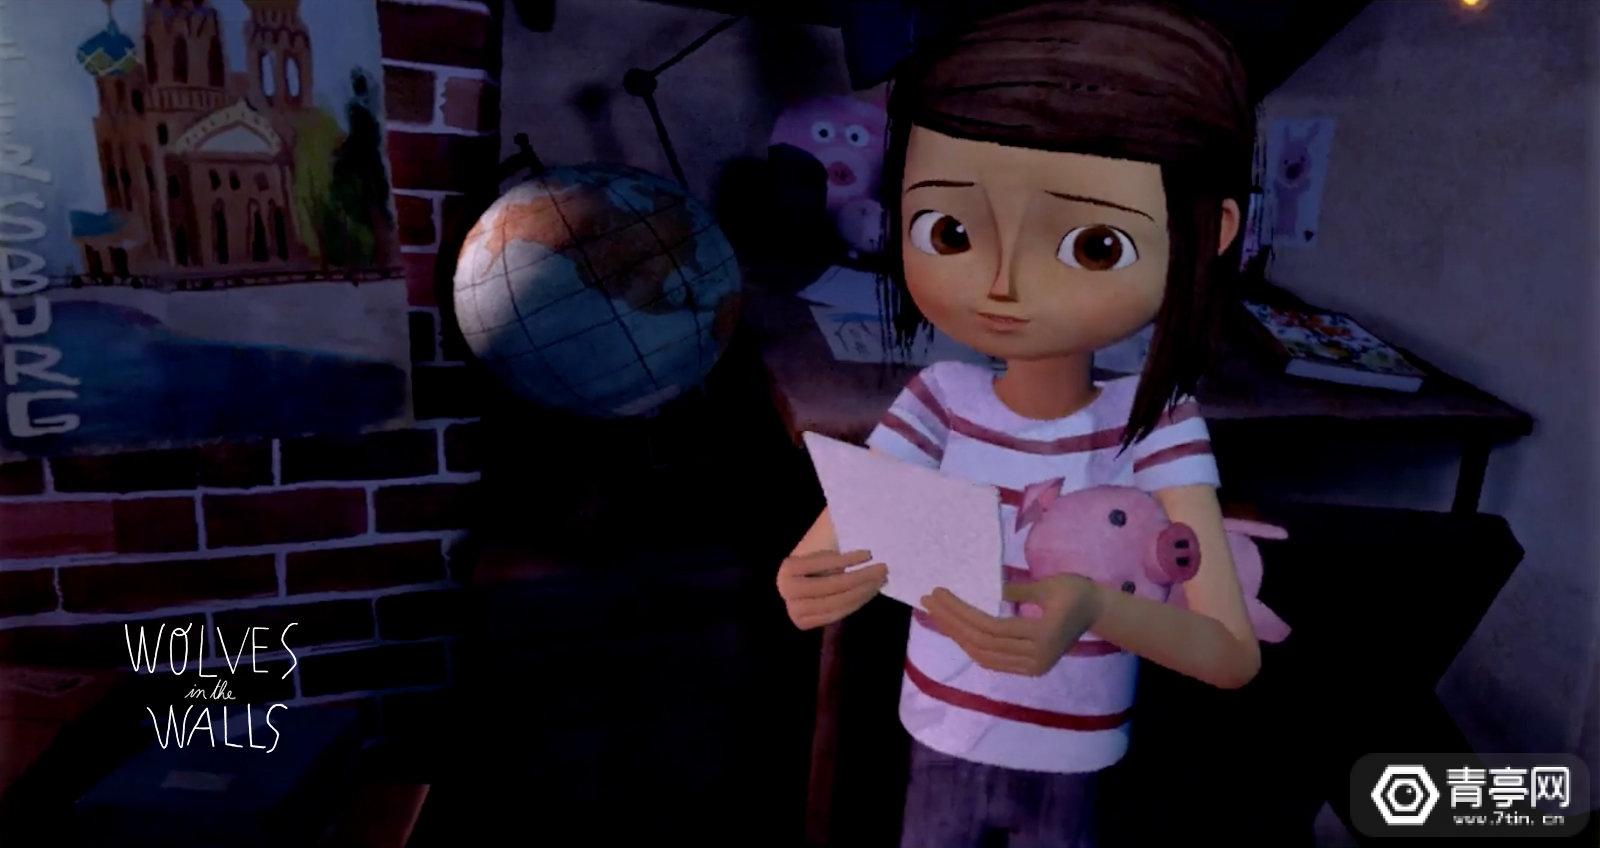 VR电影《墙壁里的狼》推第二部,这一次加入了AI